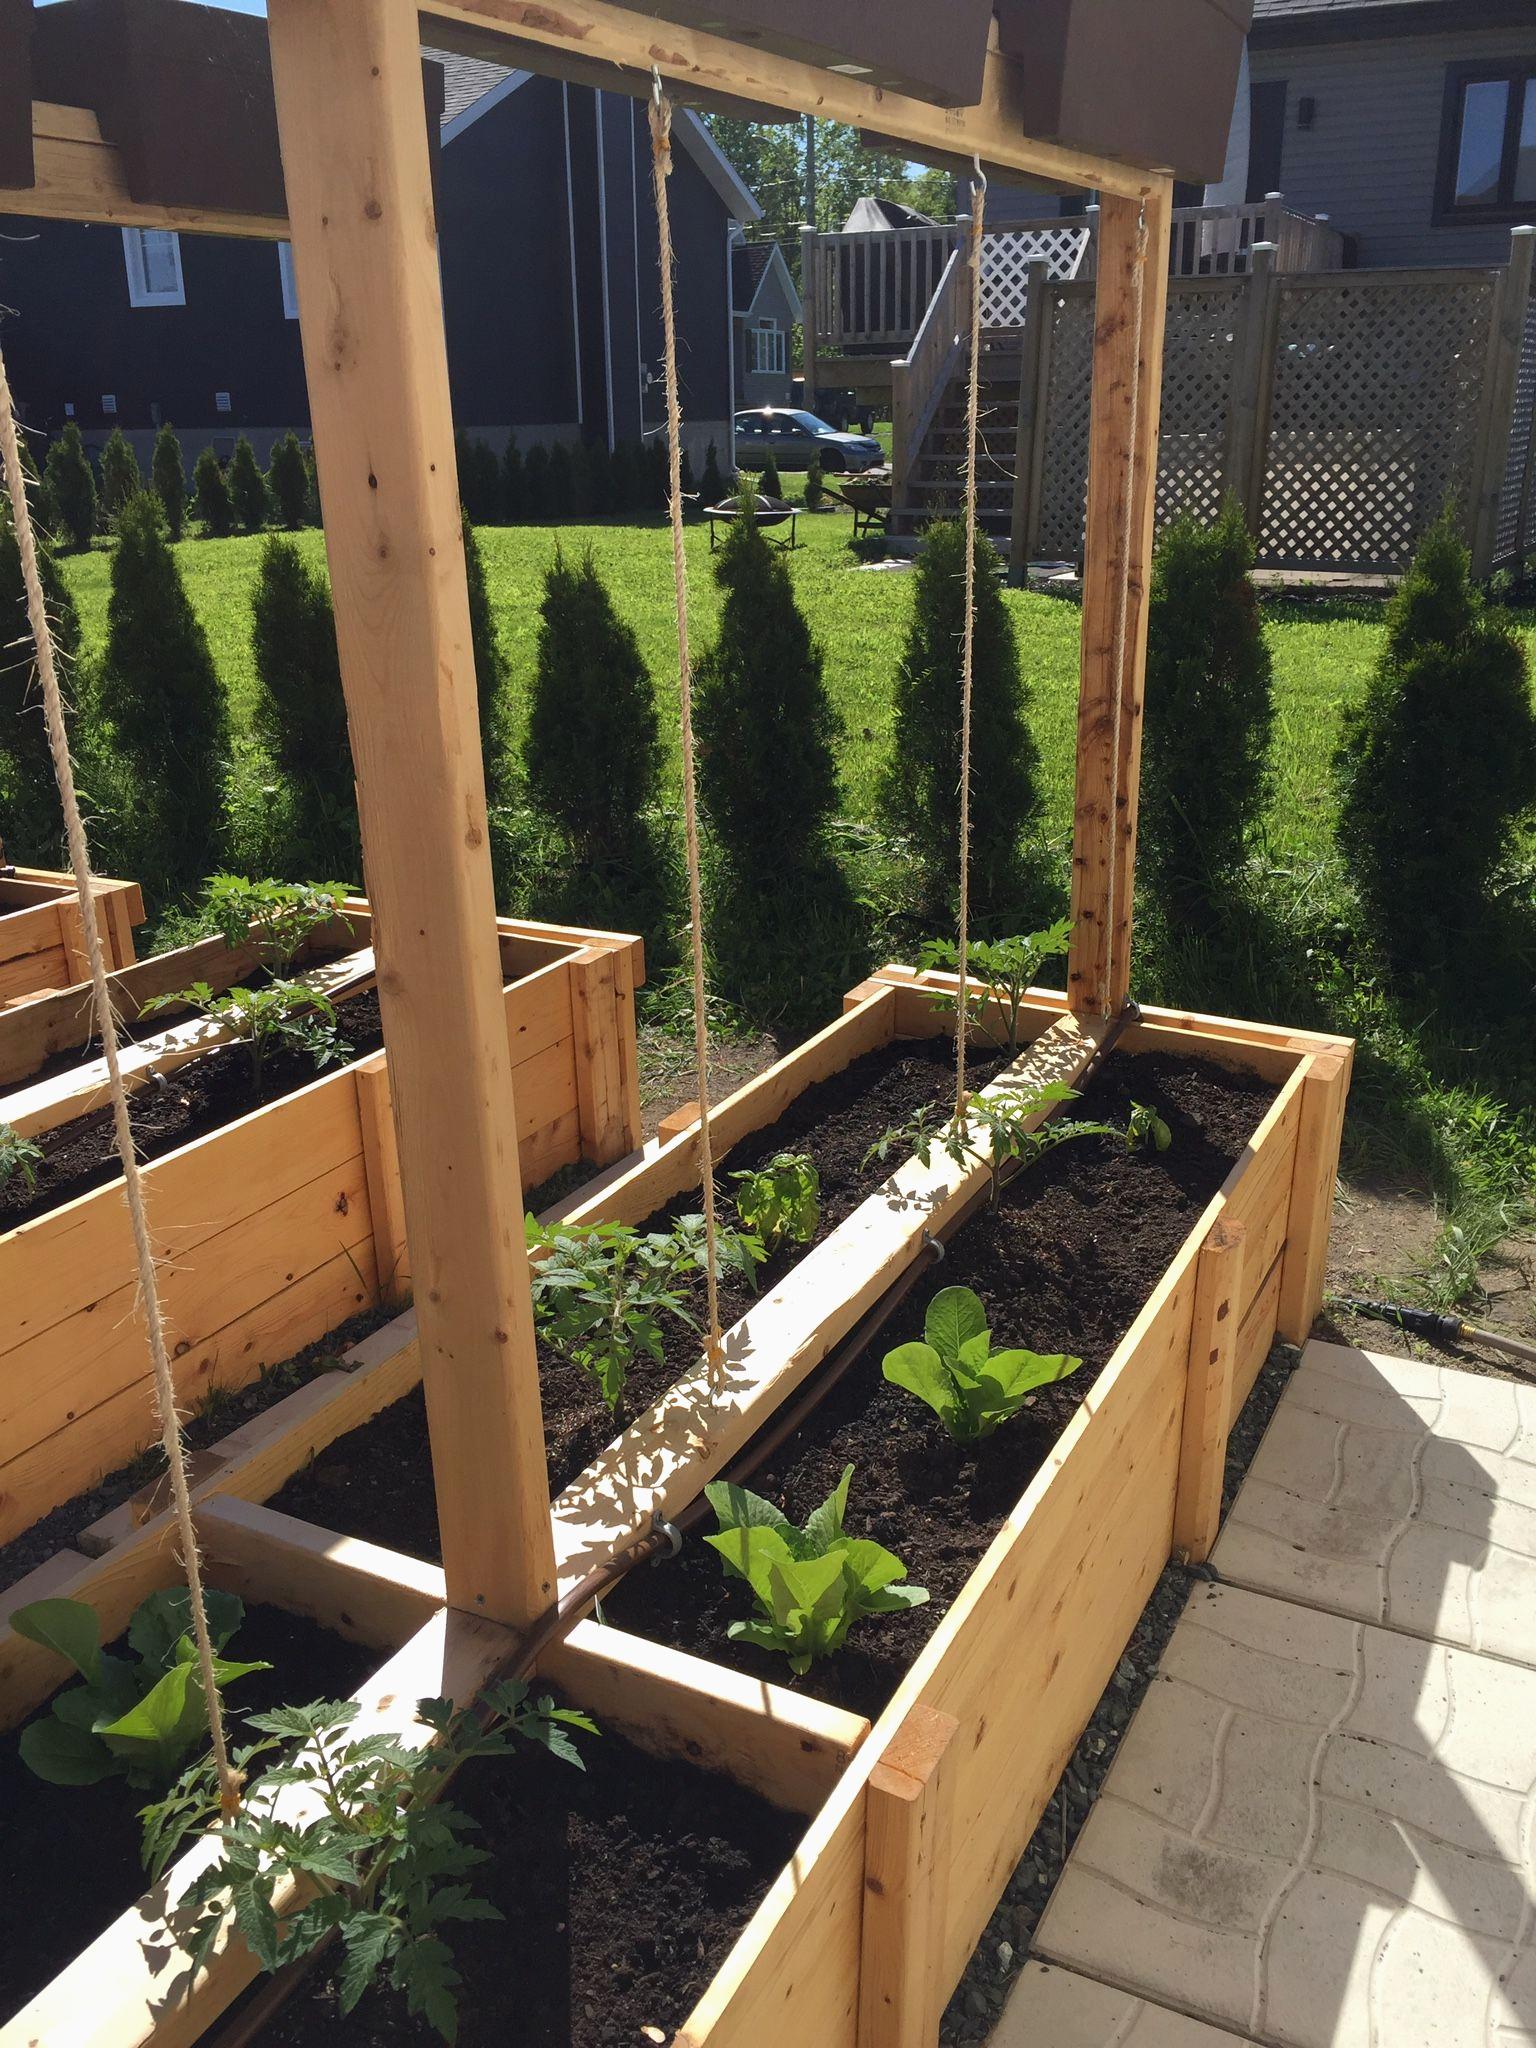 Créer Des Bacs De Jardin Avec Des Palettes Impressionnant ... pour Créer Des Bacs De Jardin Avec Des Palettes